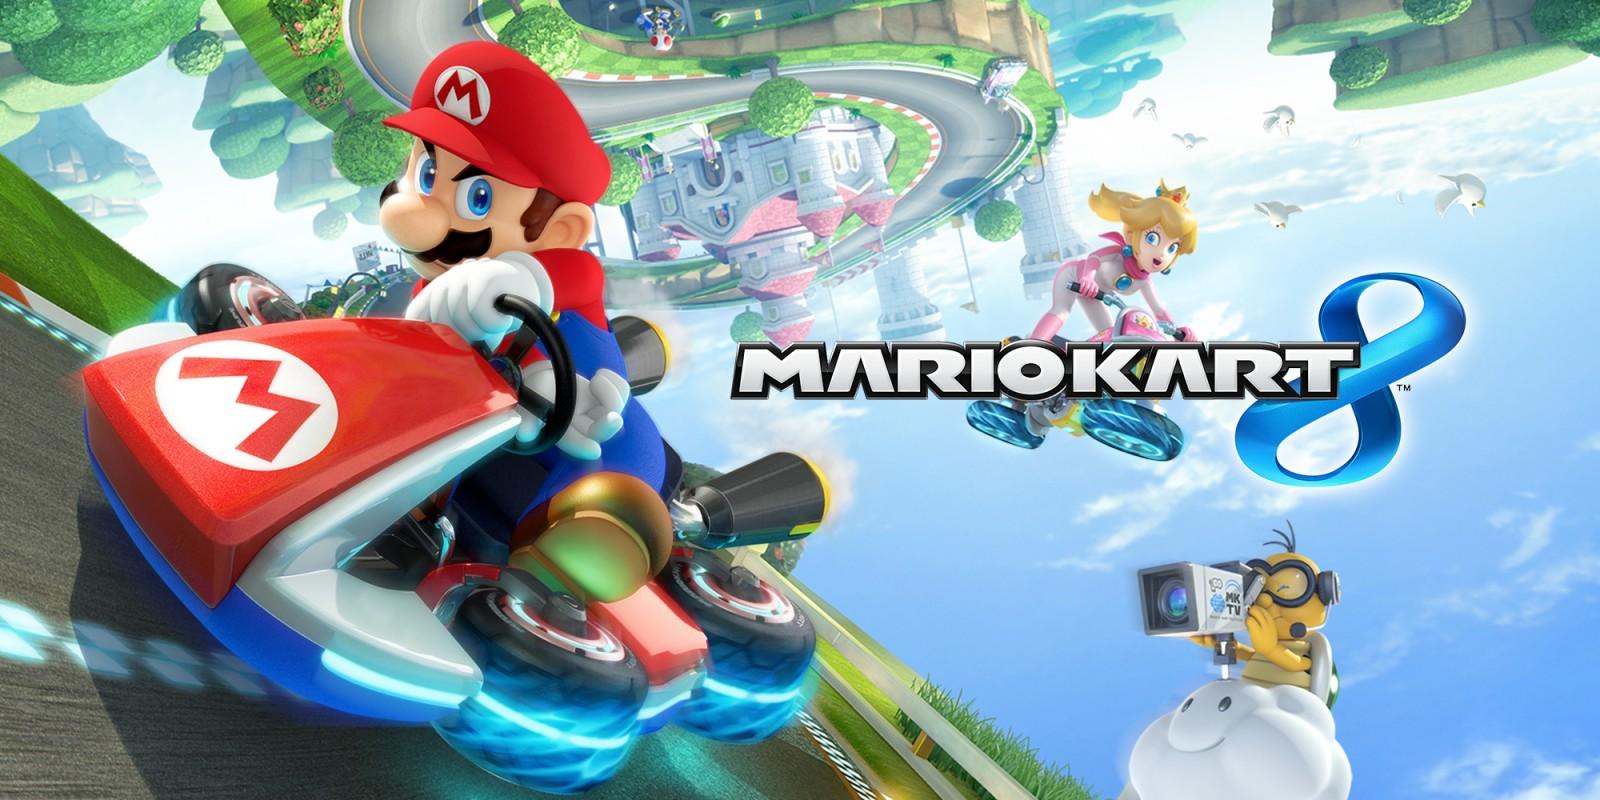 Mario Kart Spiele Kostenlos